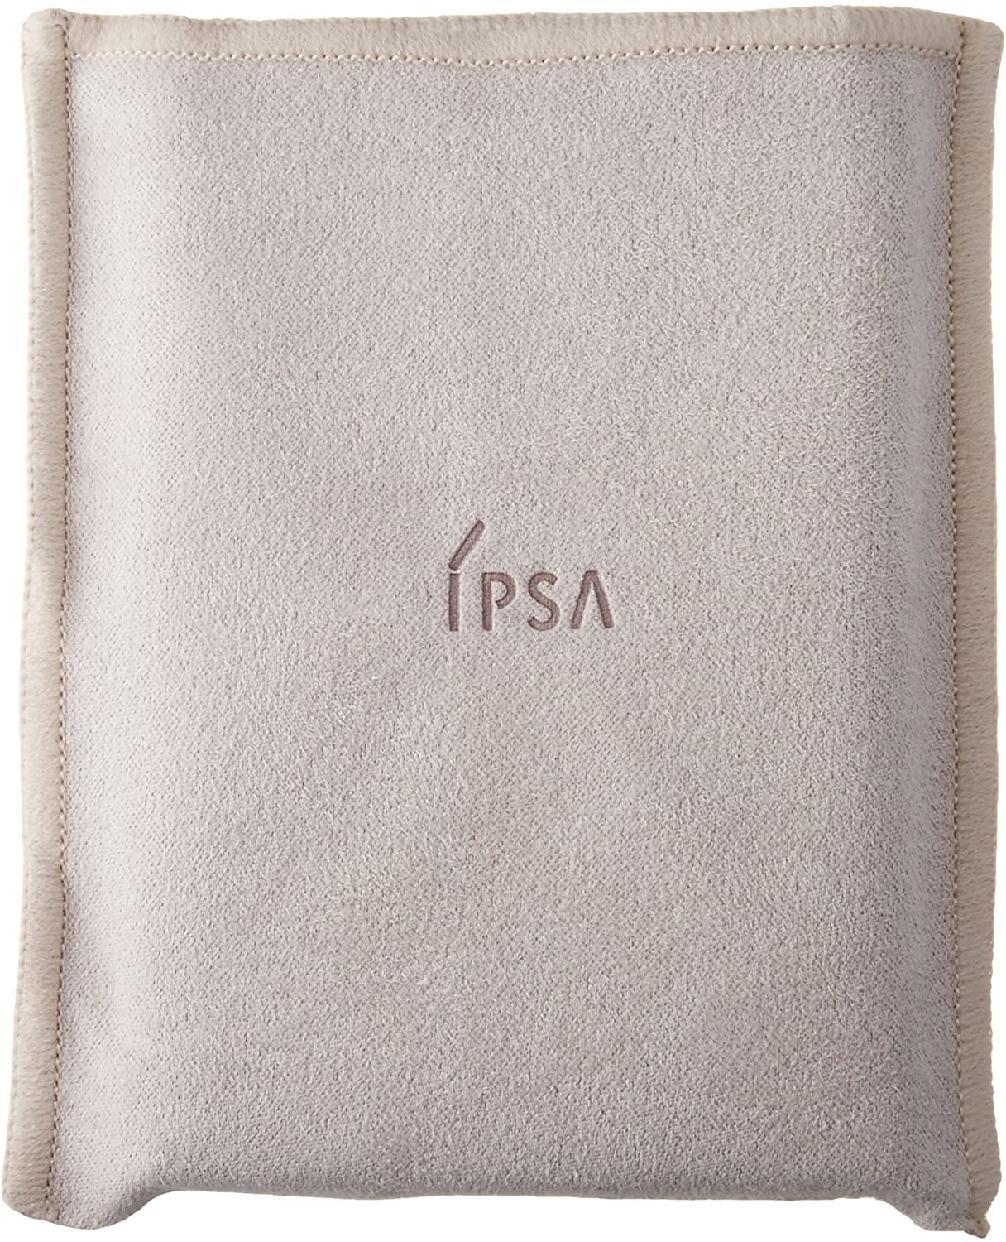 IPSA(イプサ)デザイニング フェイスカラーパレットの商品画像11